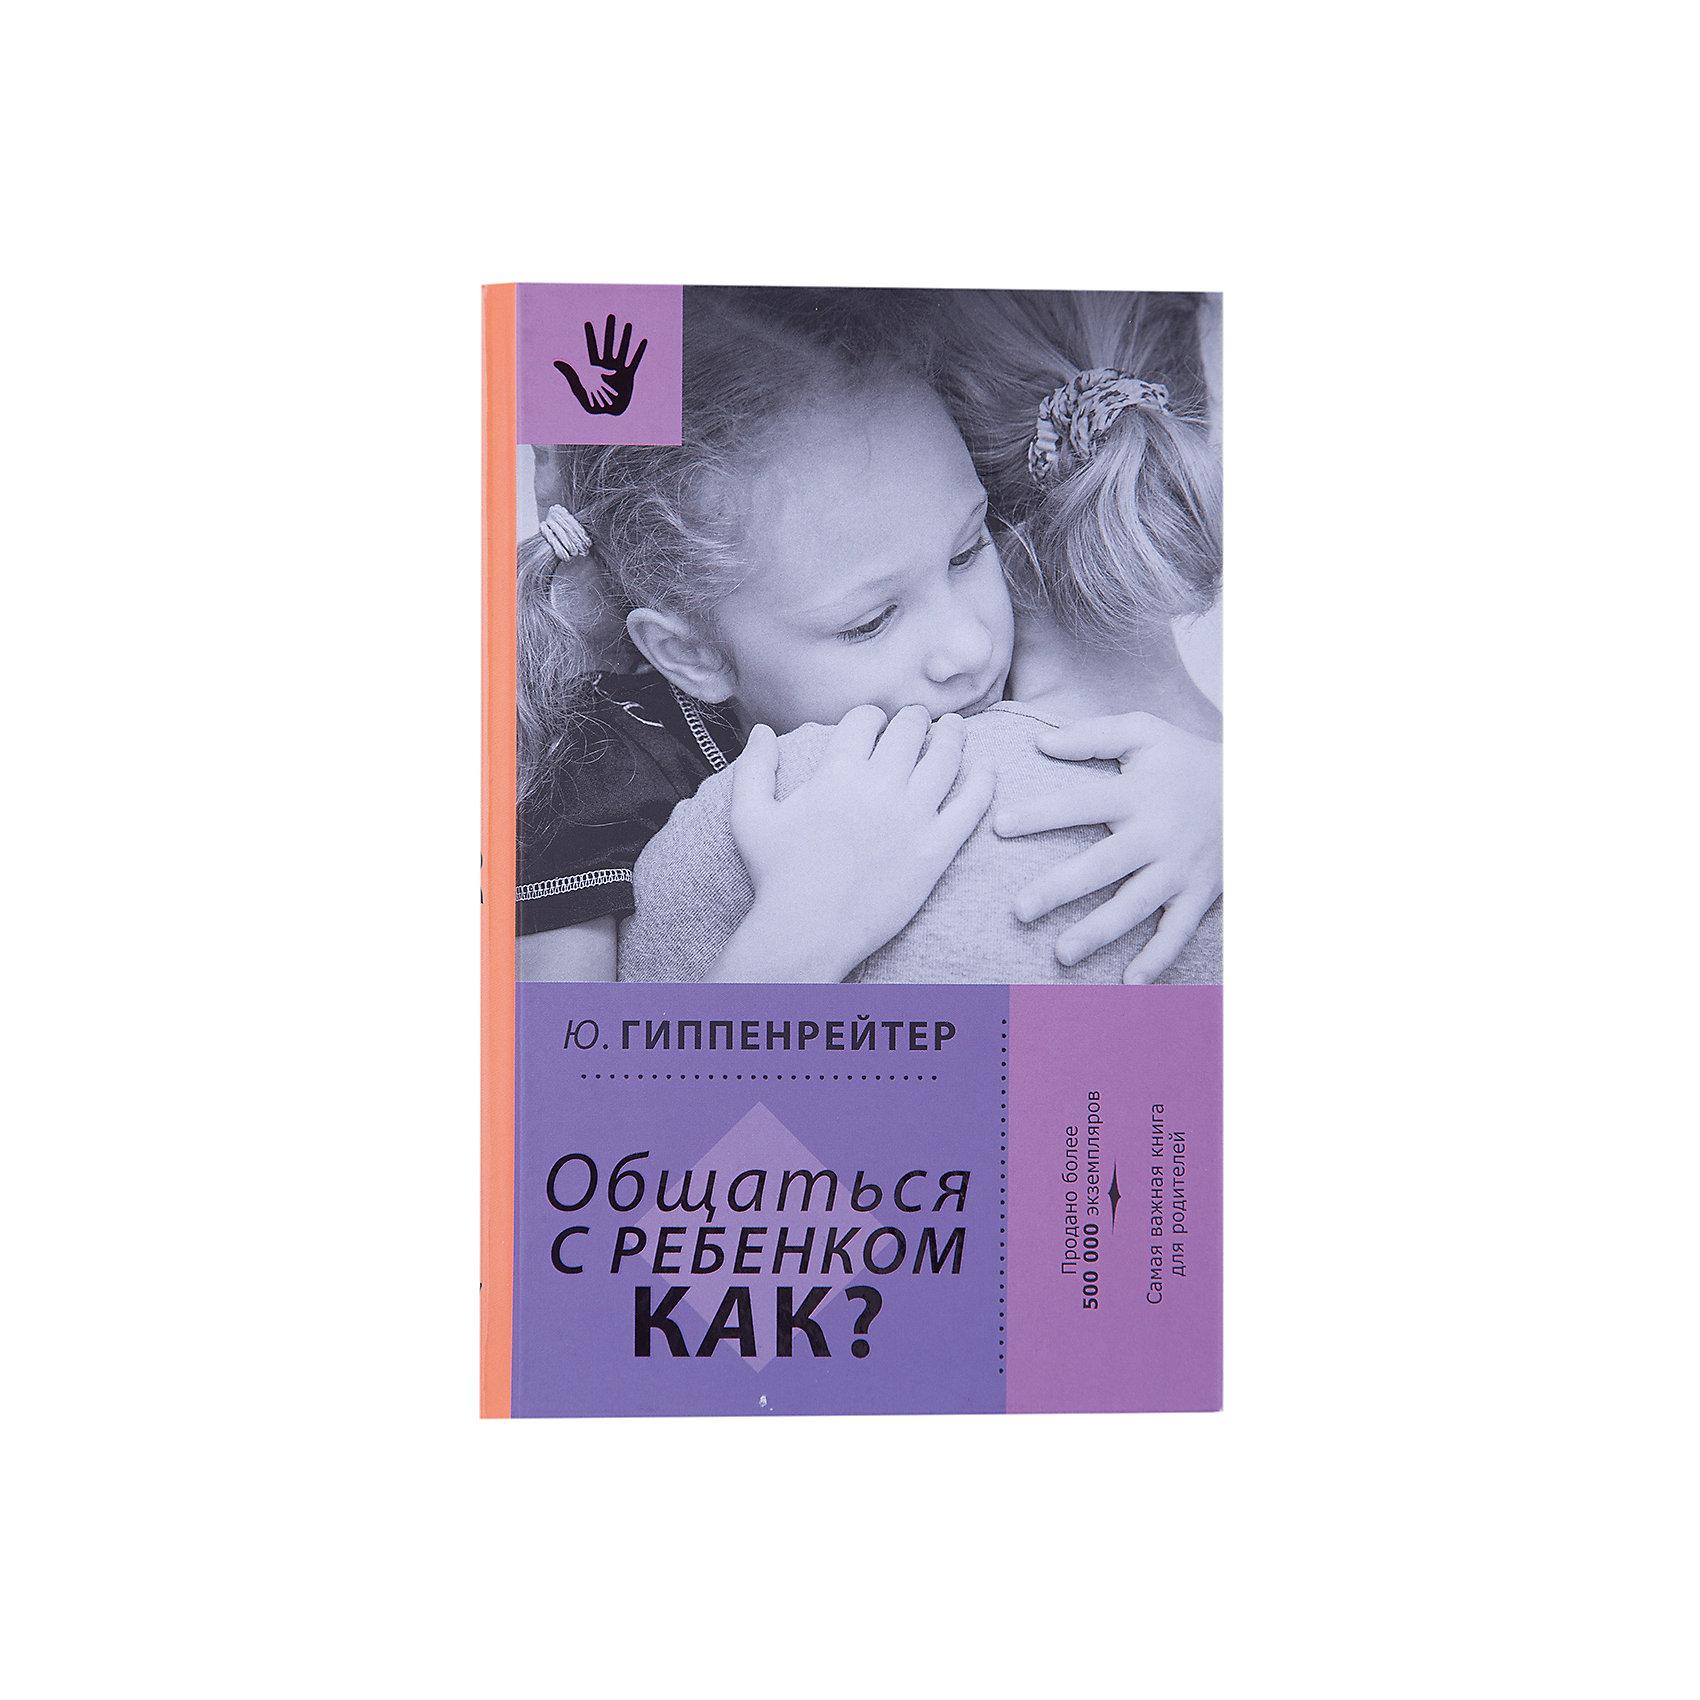 Общаться с ребенком: Как?Книги по педагогике<br>Малыш, который получает полноценное питание и хороший медицинский уход, но лишен полноценного общения со взрослым, плохо развивается не только психически, но и физически: он не растет, худеет, теряет интерес к жизни. «Проблемные», «трудные», «непослушные» и «невозможные» дети, так же как дети «с комплексами», «забитые» или «несчастные» — всегда результат неправильно сложившихся отношений в семье. Книга Юлии Борисовны Гиппенрейтер нацелена на гармонизацию взаимоотношений в семье, ведь стиль общения родителей сказывается на будущем их ребенка!<br><br>Ширина мм: 212<br>Глубина мм: 138<br>Высота мм: 200<br>Вес г: 398<br>Возраст от месяцев: 216<br>Возраст до месяцев: 2147483647<br>Пол: Унисекс<br>Возраст: Детский<br>SKU: 6848265